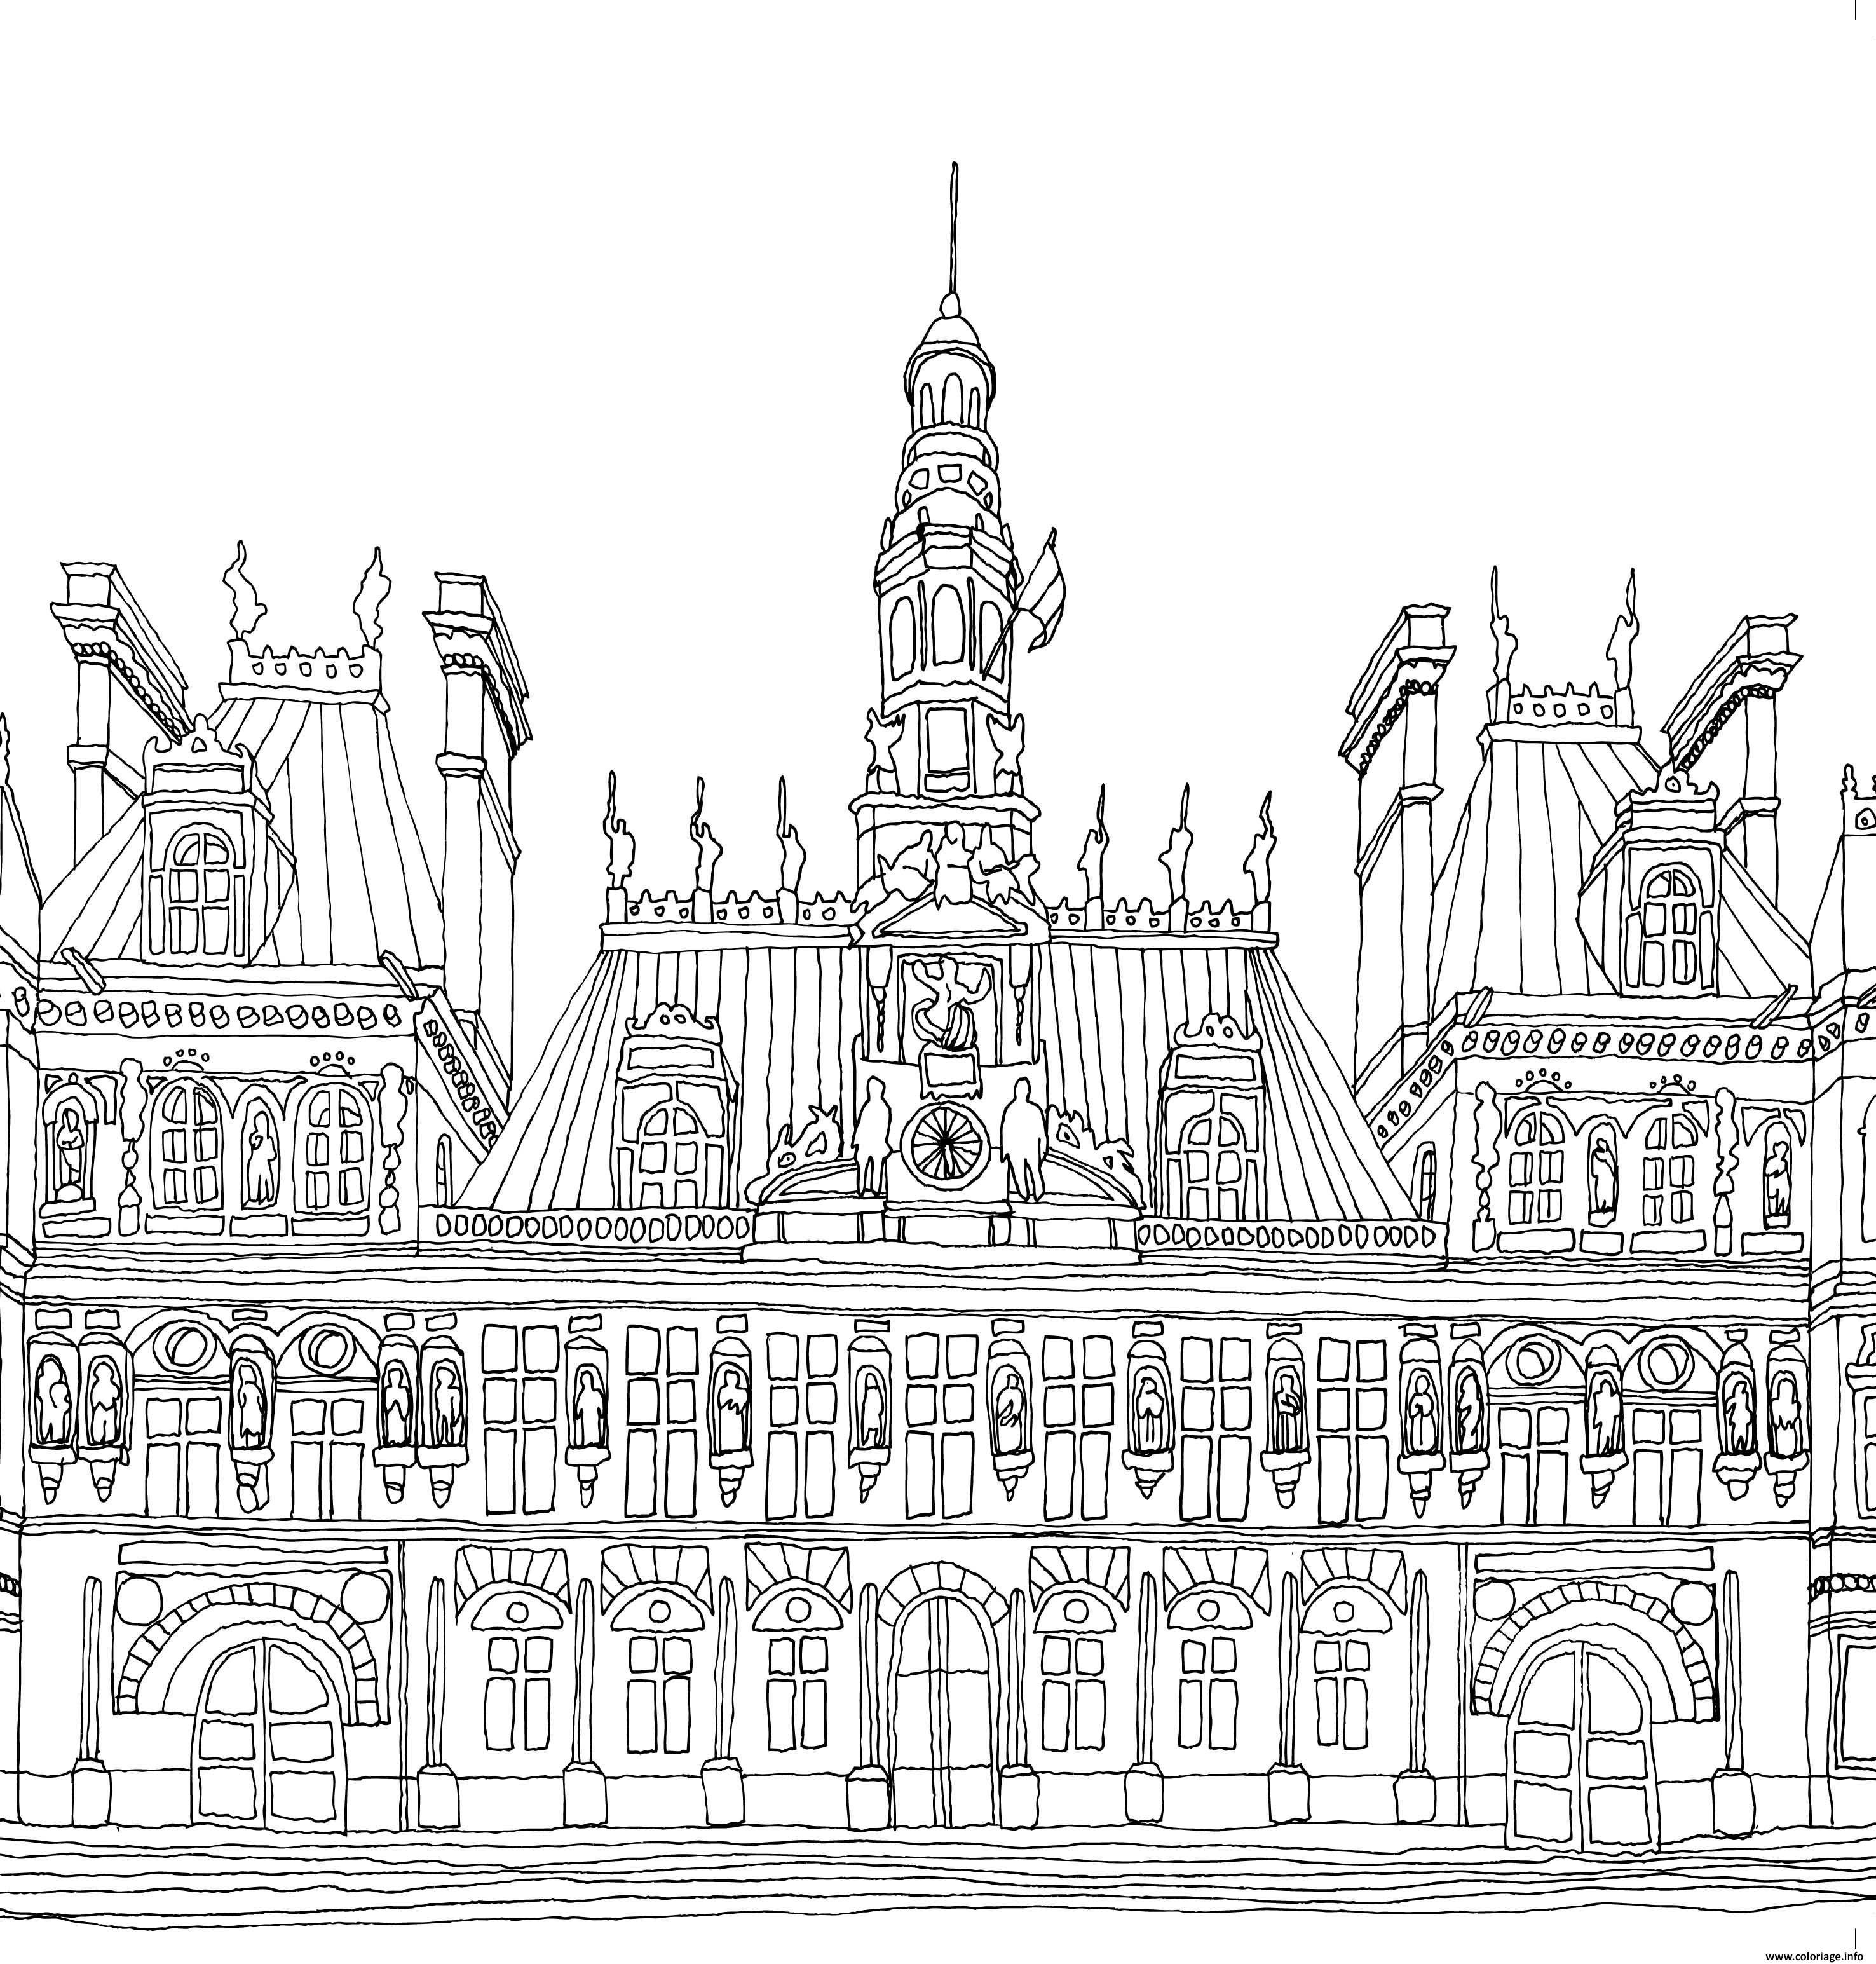 Dessin hotel de ville de Paris Coloriage Gratuit à Imprimer